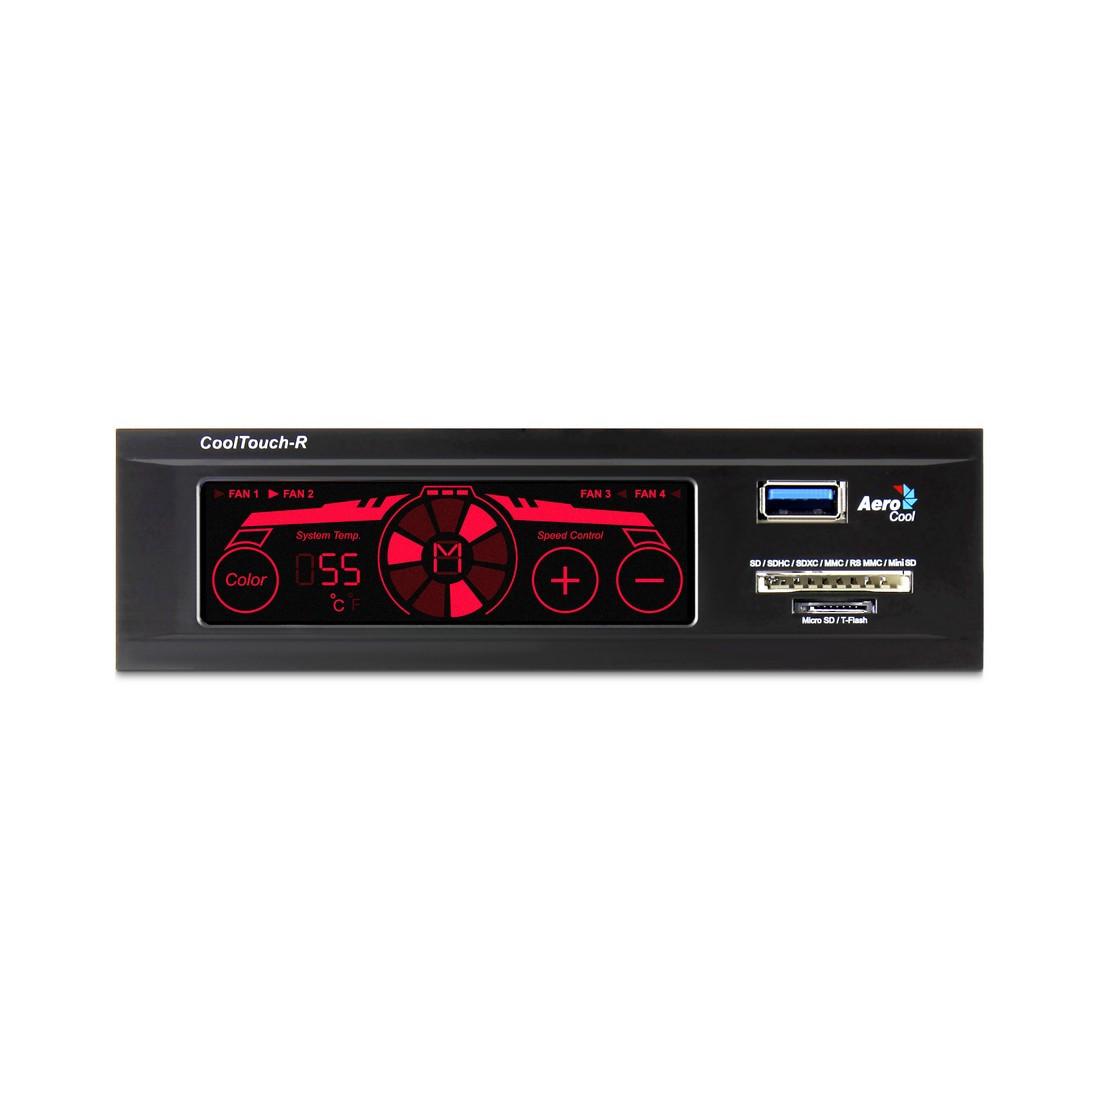 Панель управления Aerocool Cool Touch-R Panel